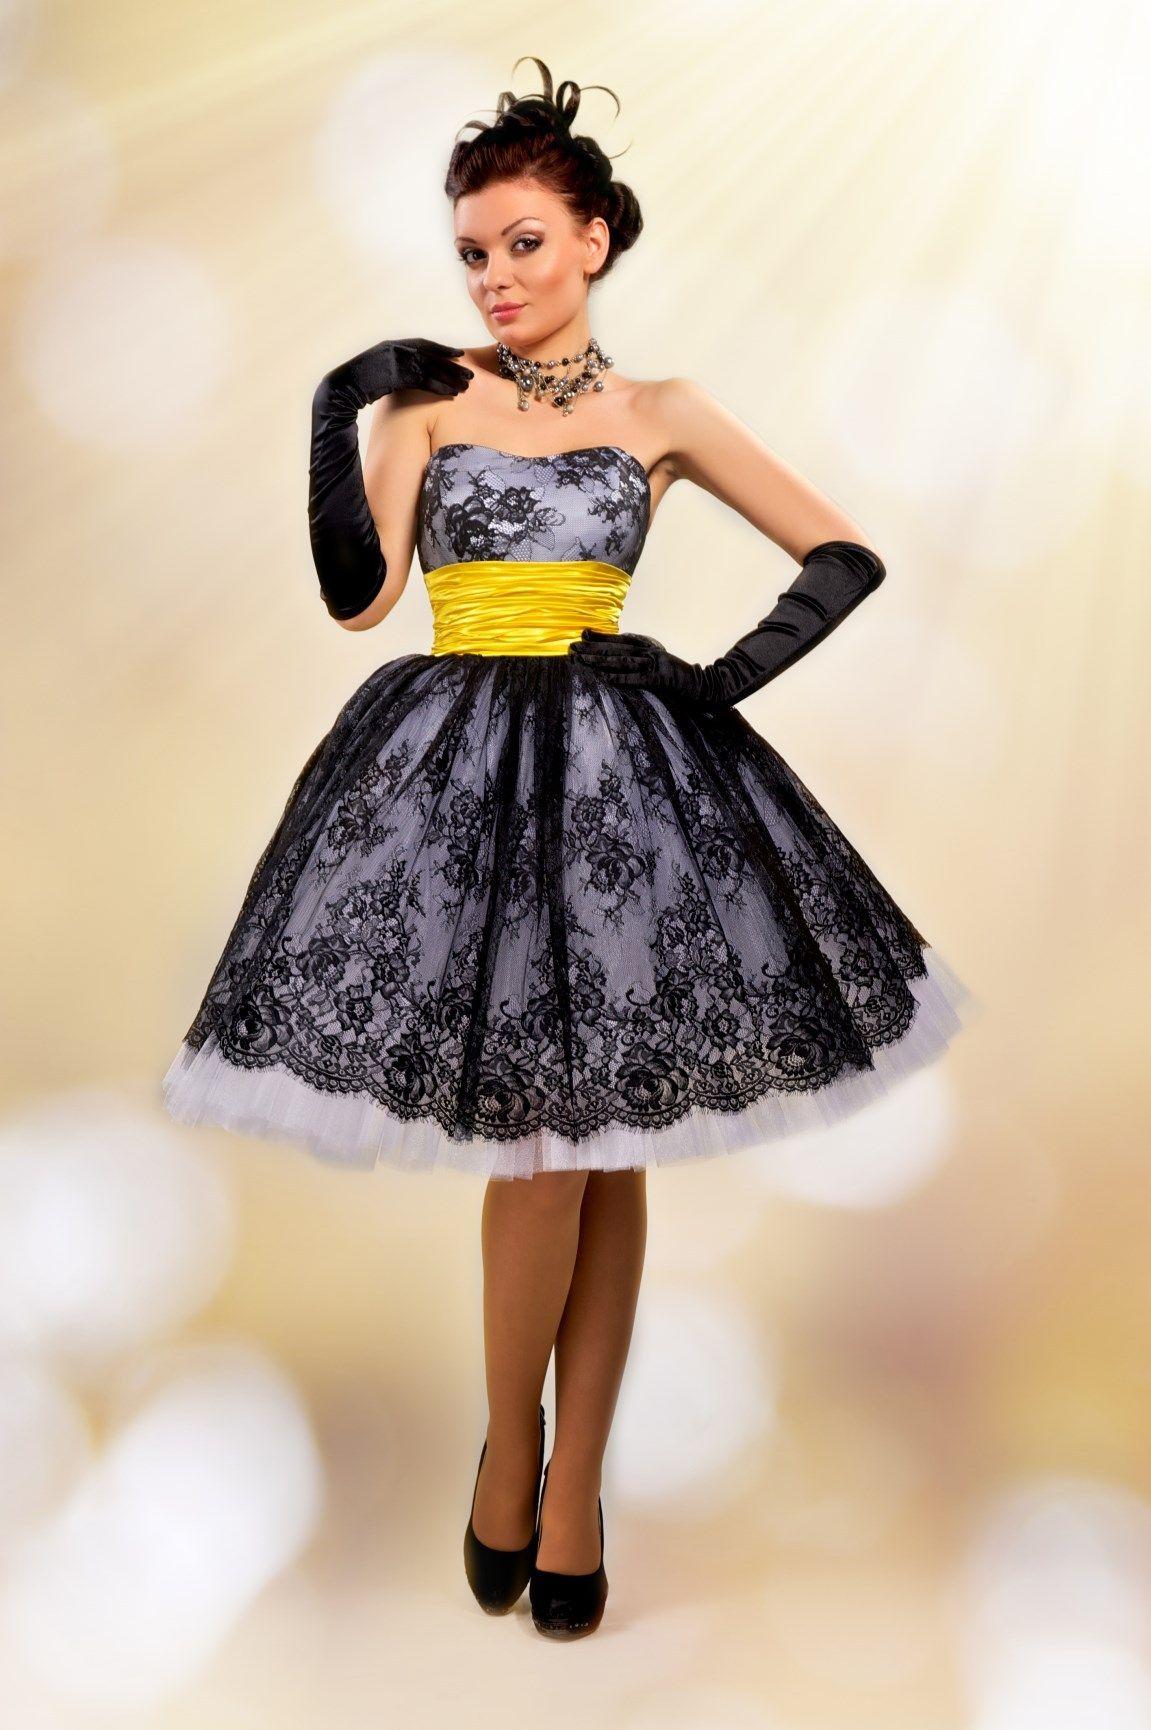 Выкройка подъюбника для платья в стиле стиляги фото 540